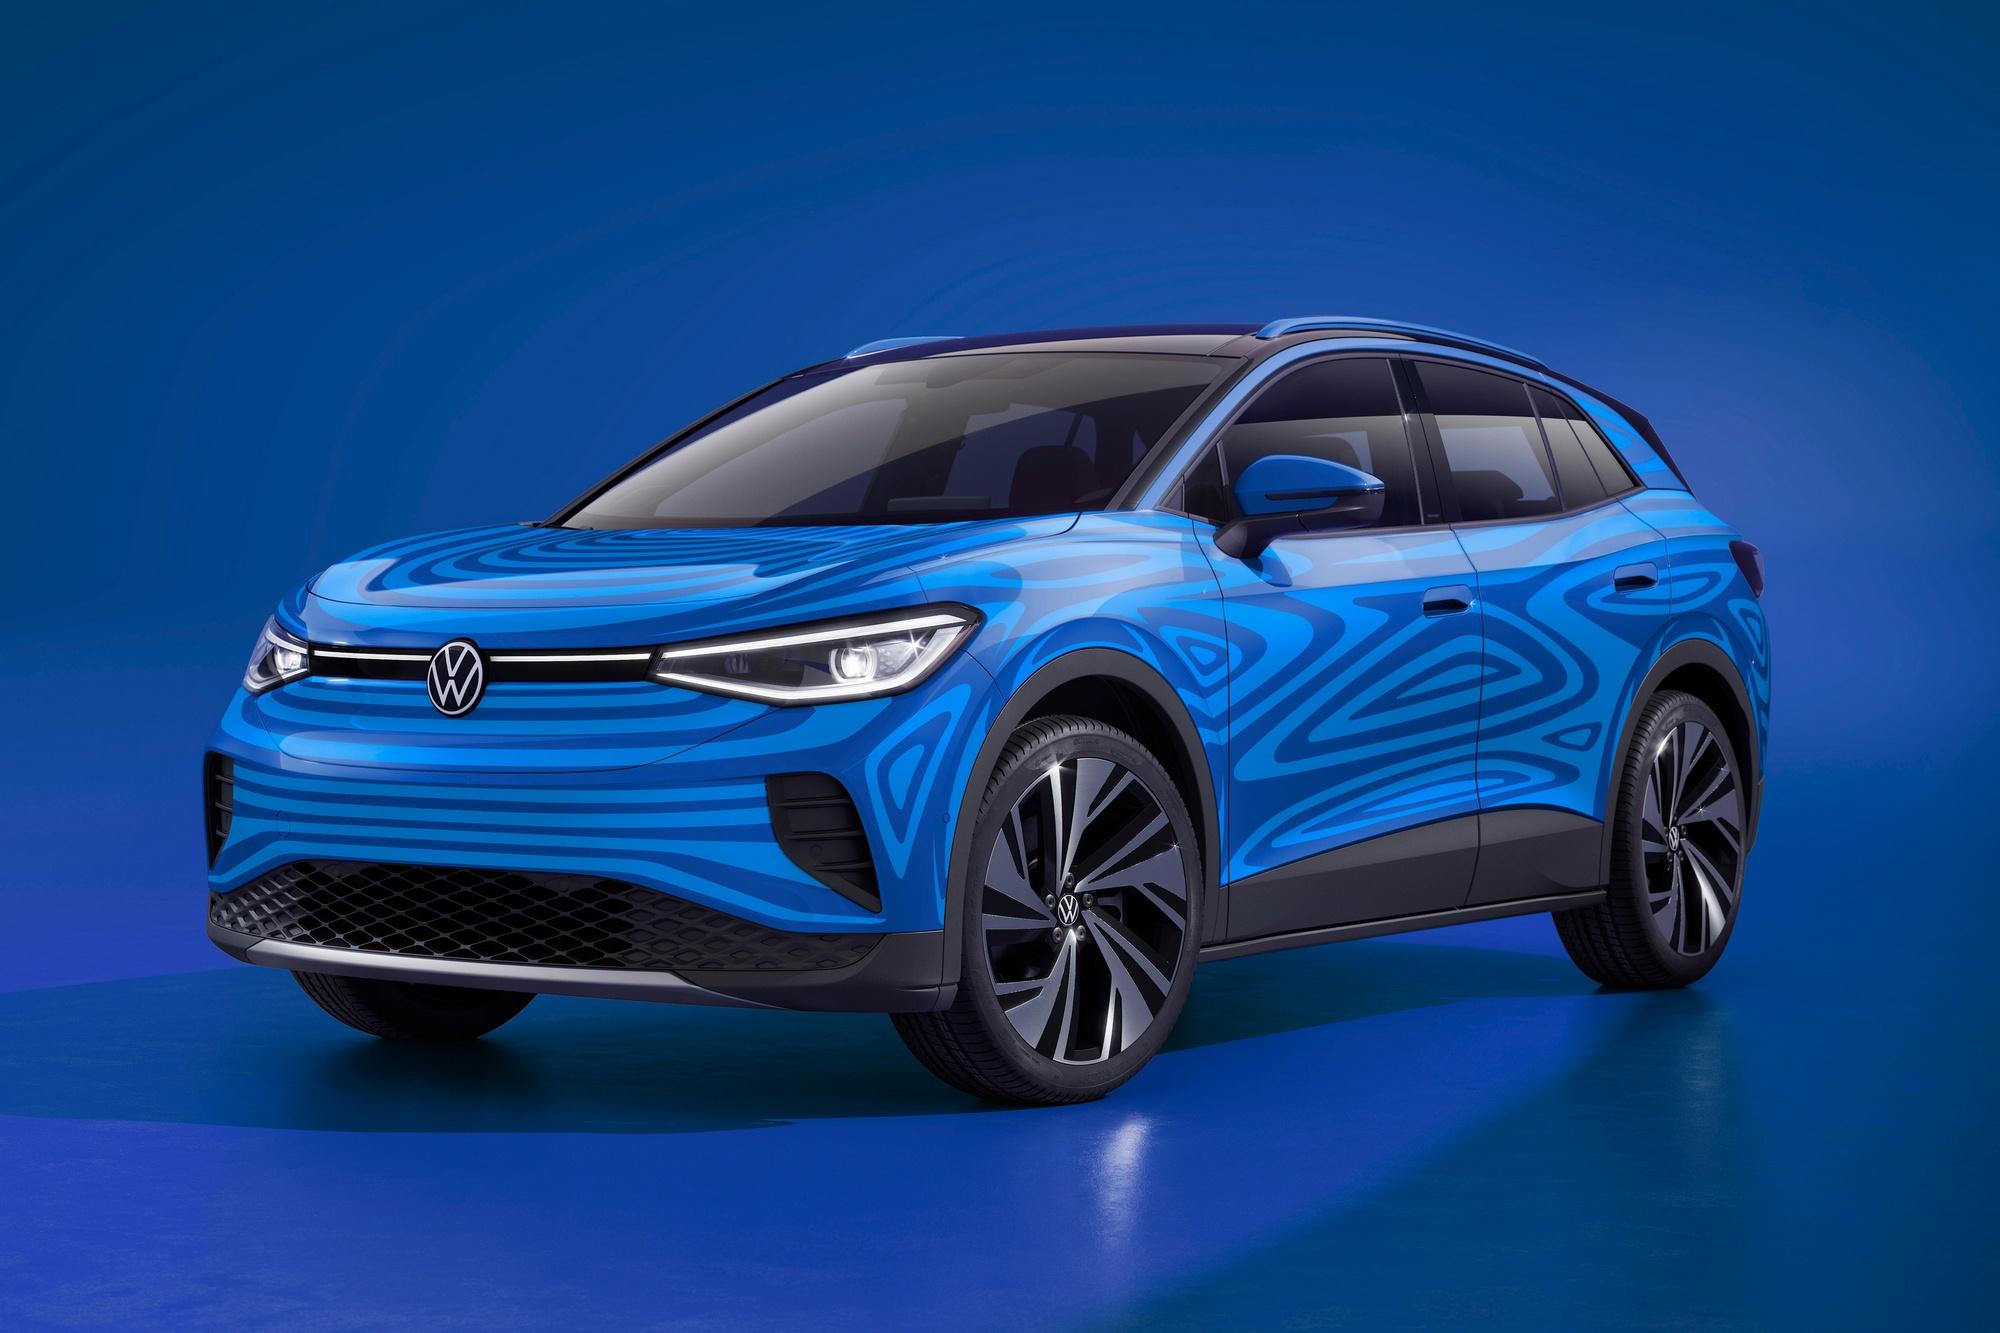 Официально: Электрокроссовер Volkswagen ID.4 получит запас хода до 500 км,  его будут производить и продавать в Европе, США и Китае - ITC.ua